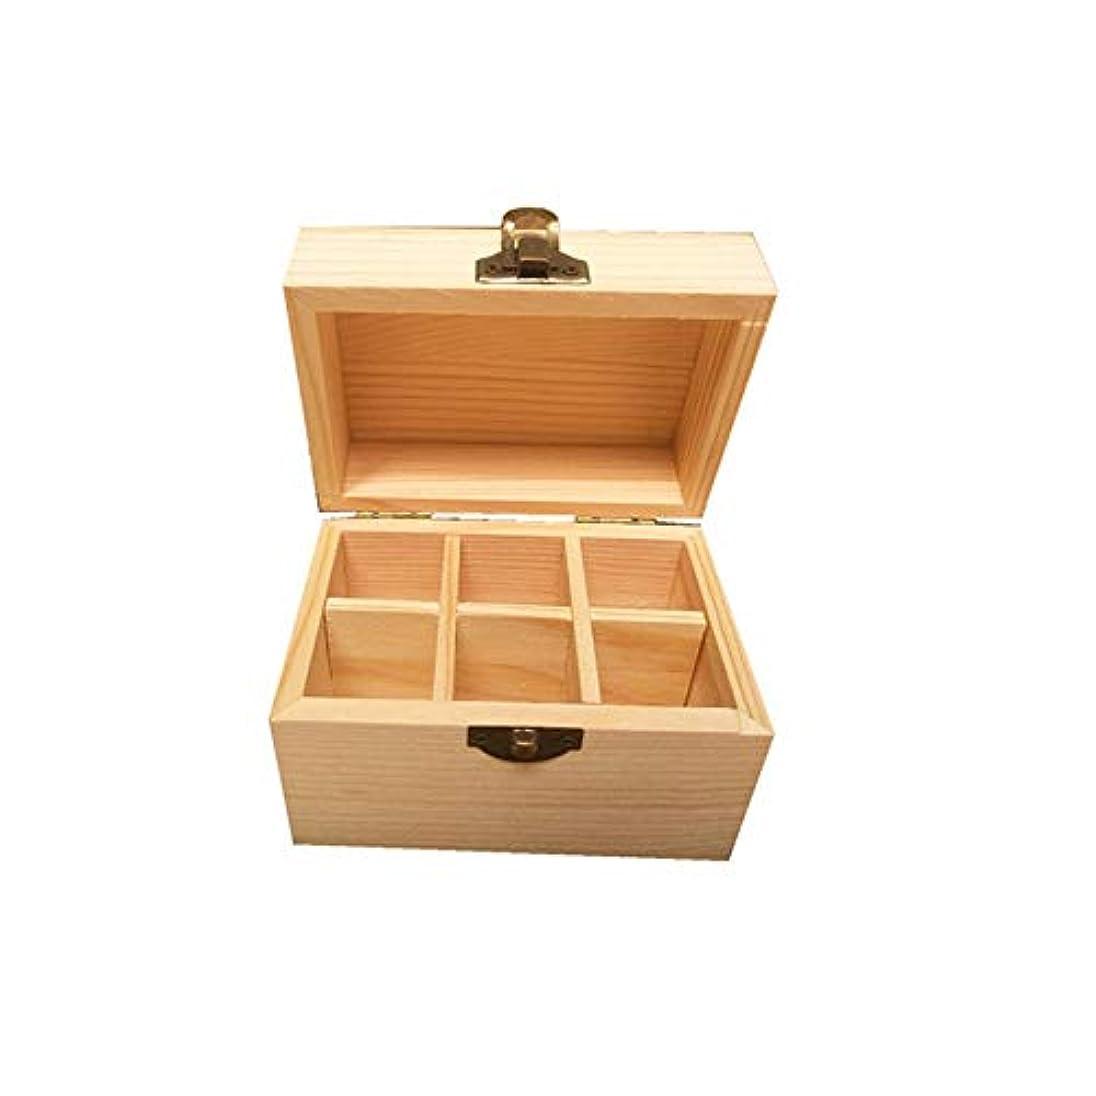 化学薬品ポップ慣れているエッセンシャルオイルボックス ウッド精油収納ボックスの6種類は、油があなたの最高のエッセンシャルオイルを披露完璧なケースです アロマセラピー収納ボックス (色 : Natural, サイズ : 12X8X8.5CM)